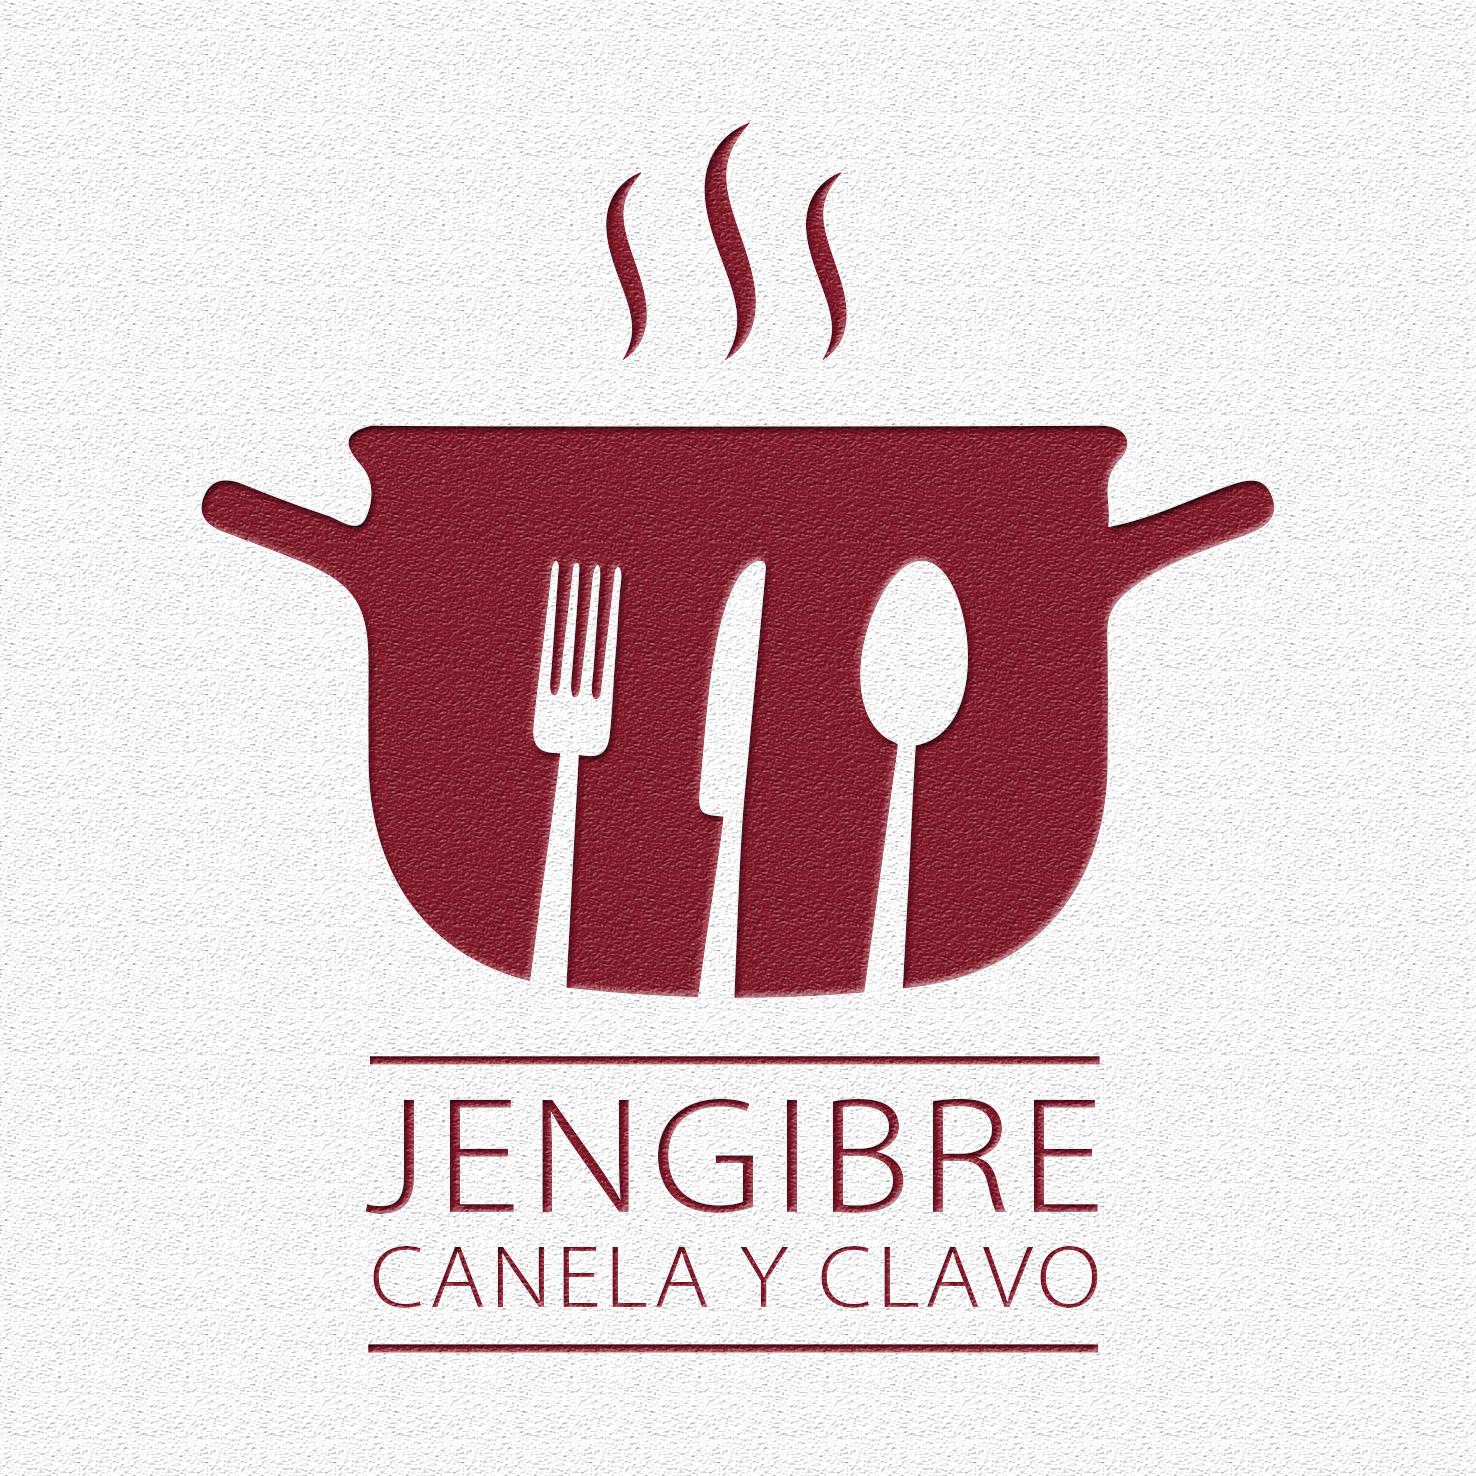 logotipo_grande_con_textura_y_relieve.jpg